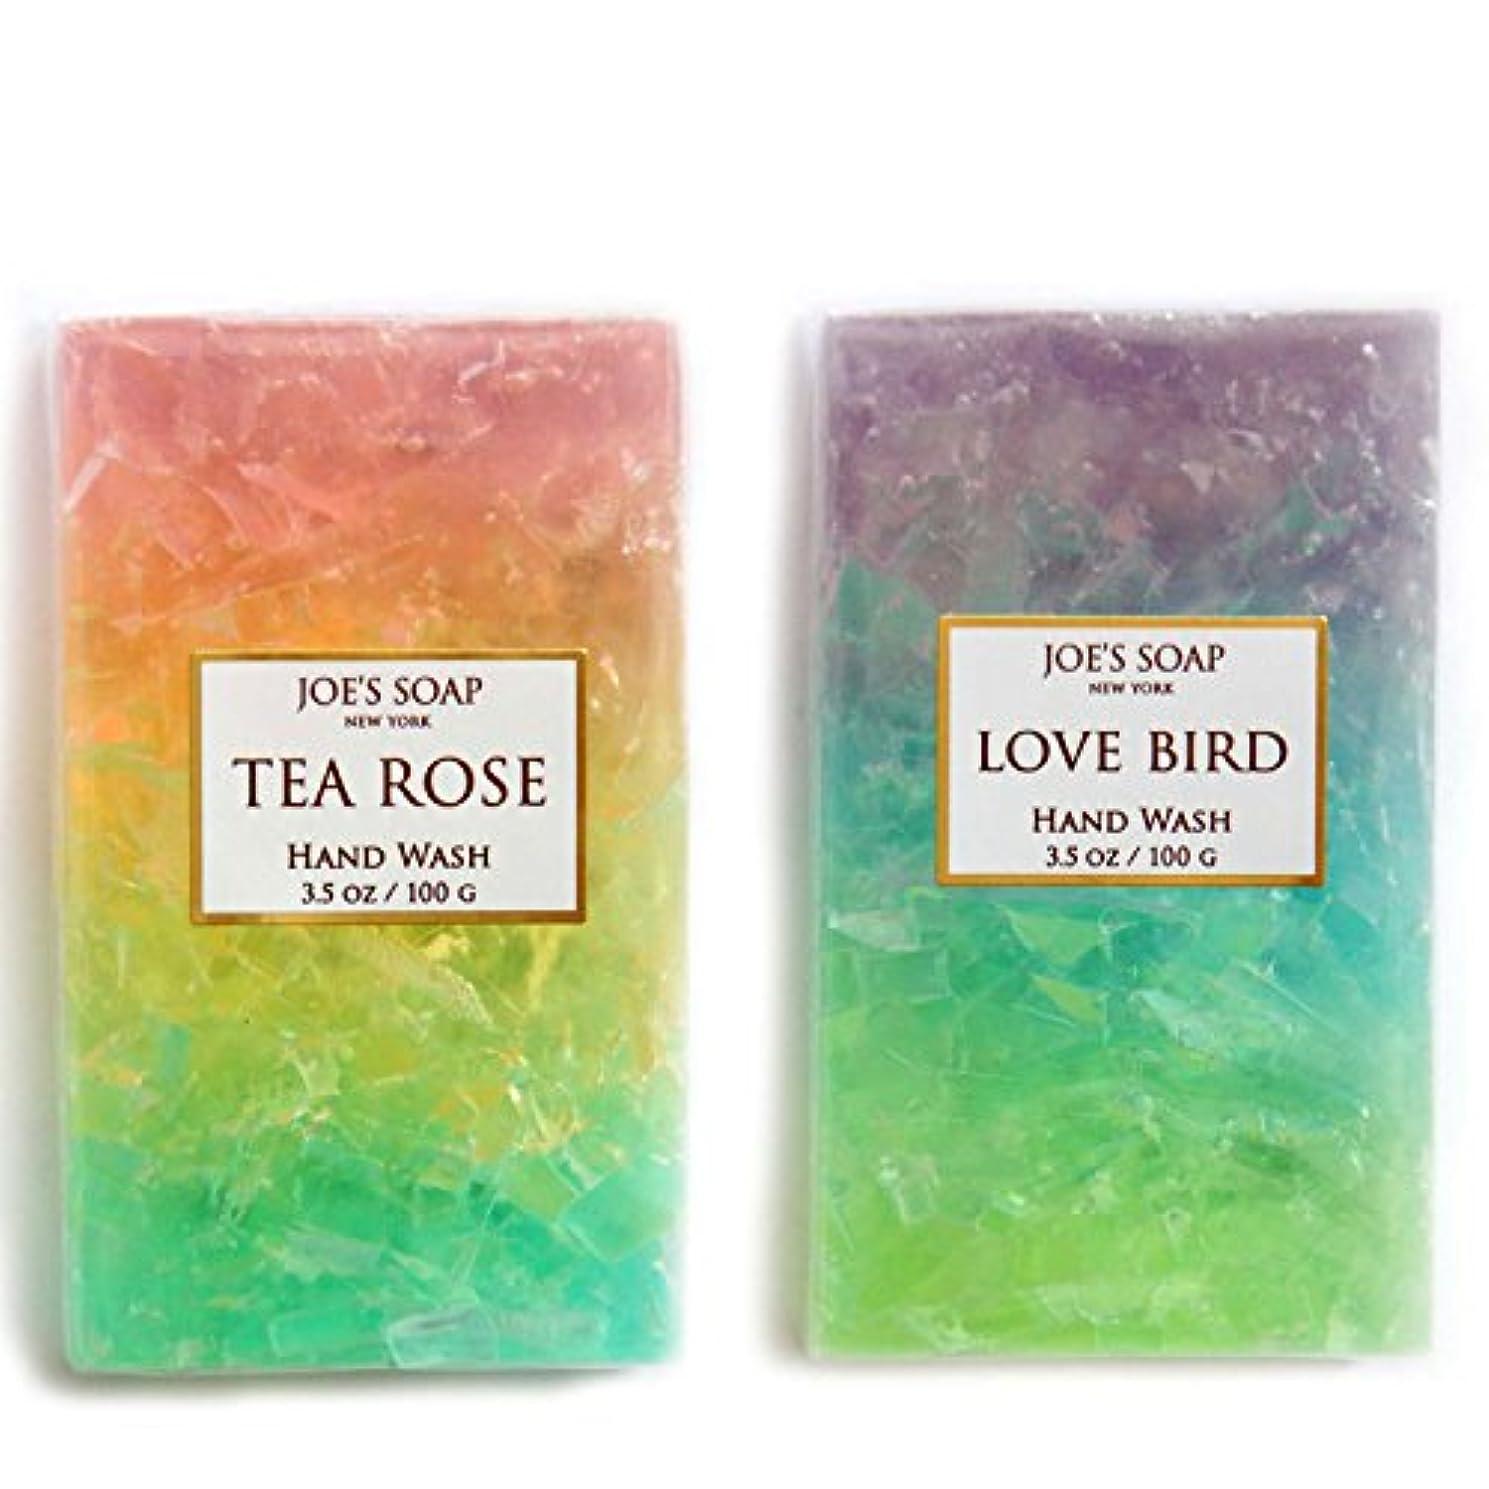 ポケット農夫横たわるJOE'S SOAP ジョーズソープ グラスソープ 石鹸 100g(TEA ROSE、LOVE BIRD、2個セット)